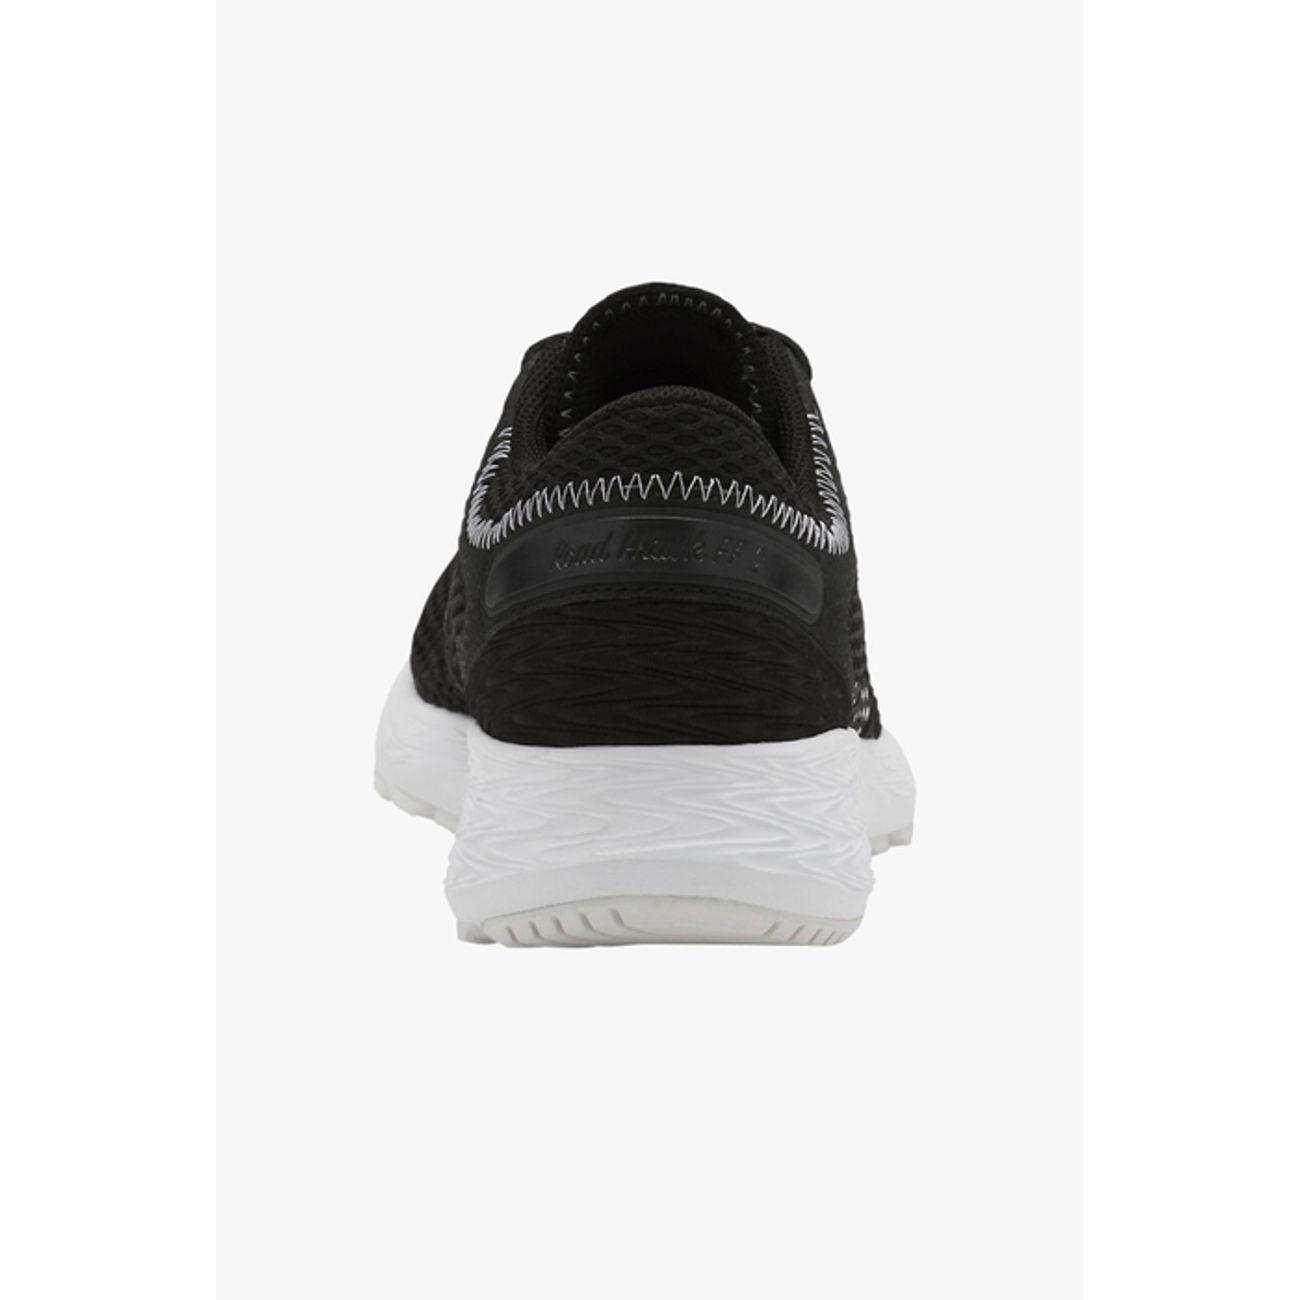 Basses Roadhawk Chaussures Ff Running 2 Femme Asics v80wNnOm